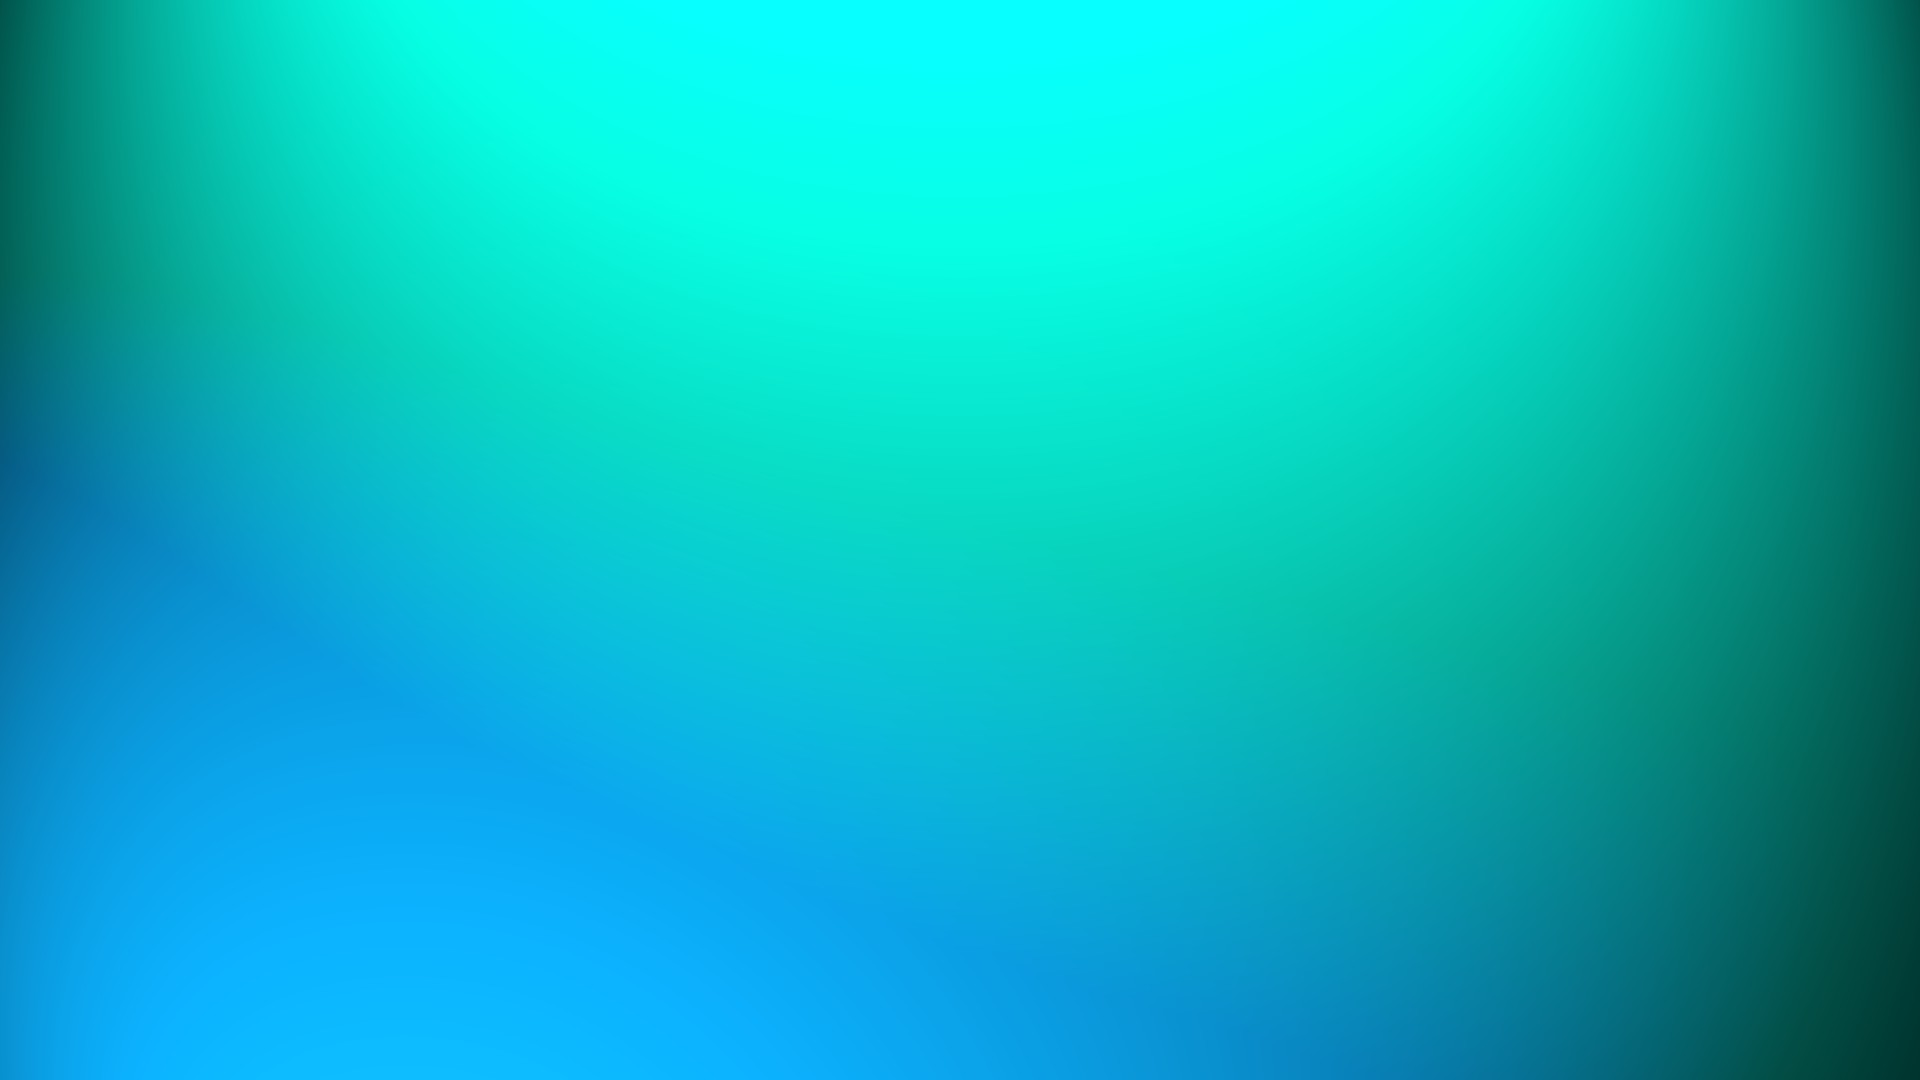 Grab The Ios 11 Default Wallpaper: New IOS Wallpaper